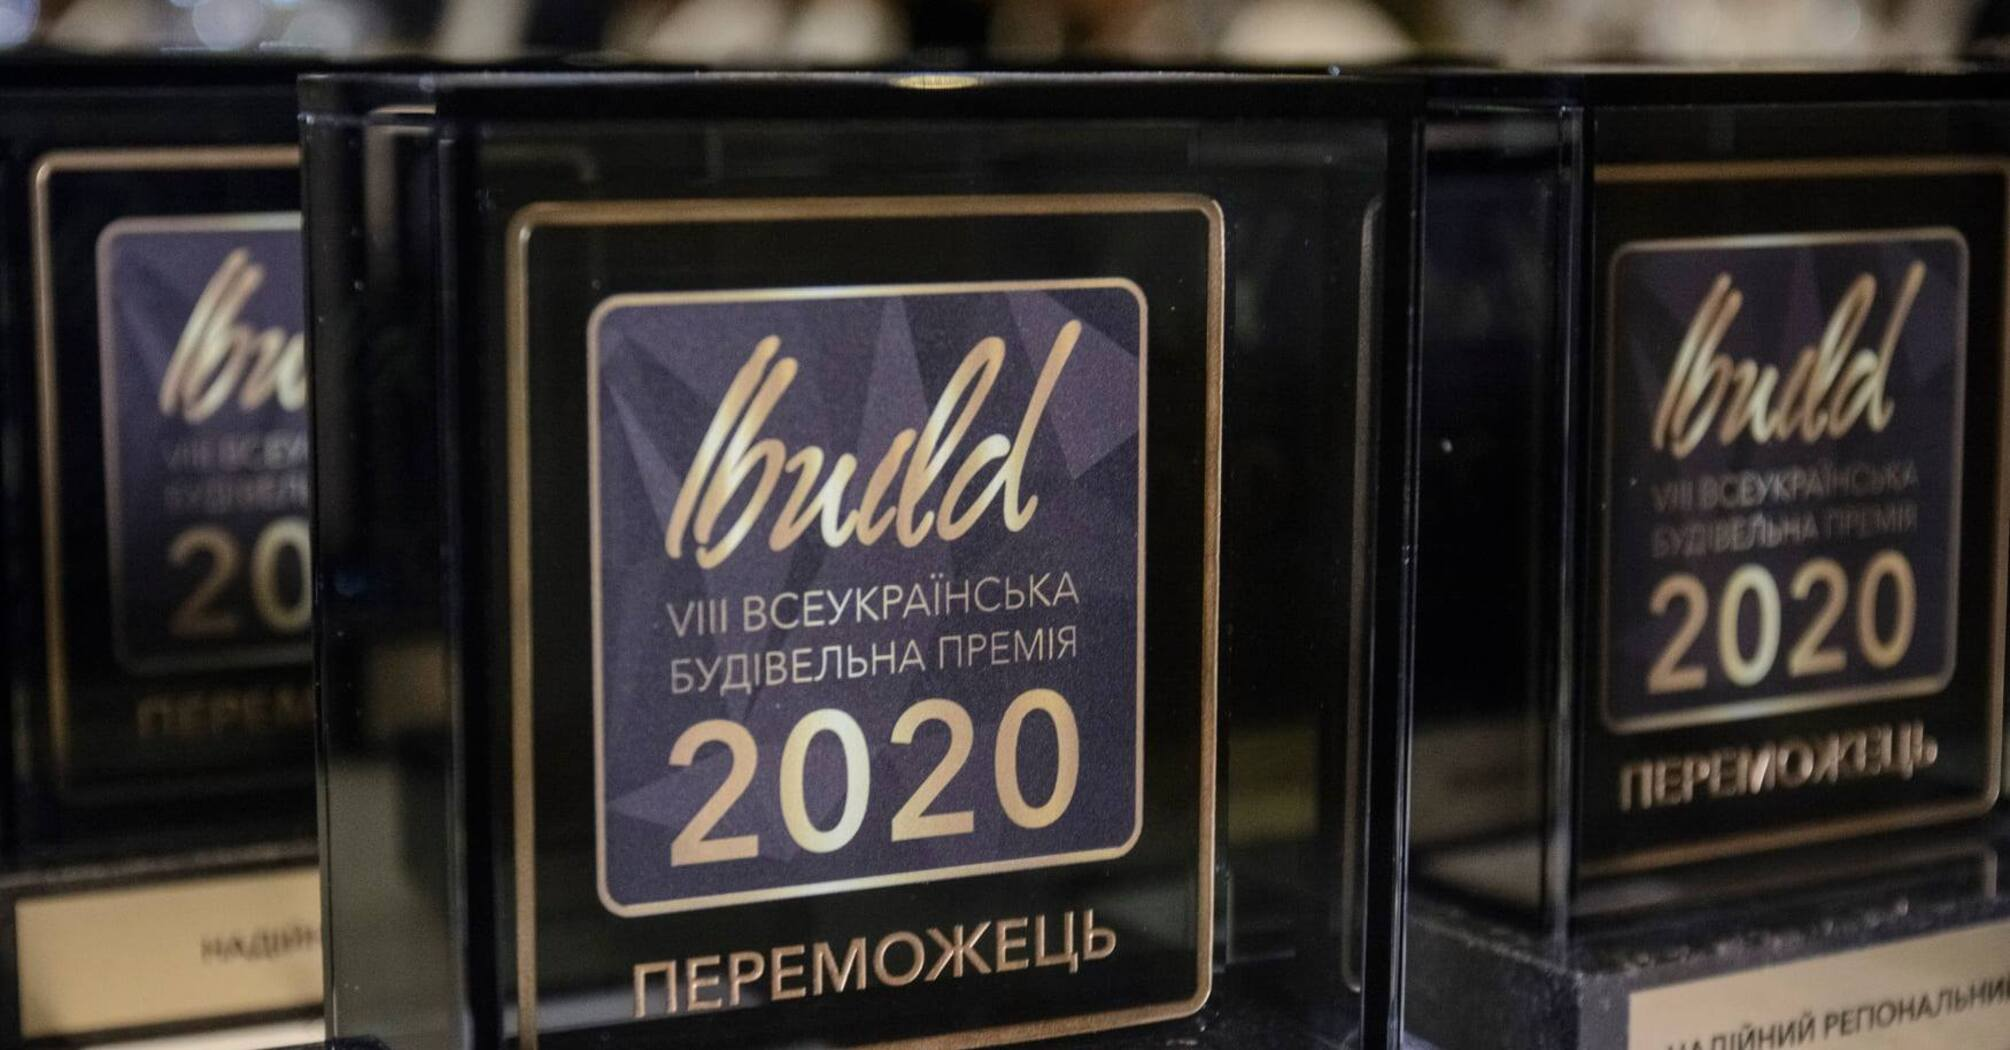 Результаты IBUILD 2020: мировые тренды, качество региональных проектов и выбор потребителя